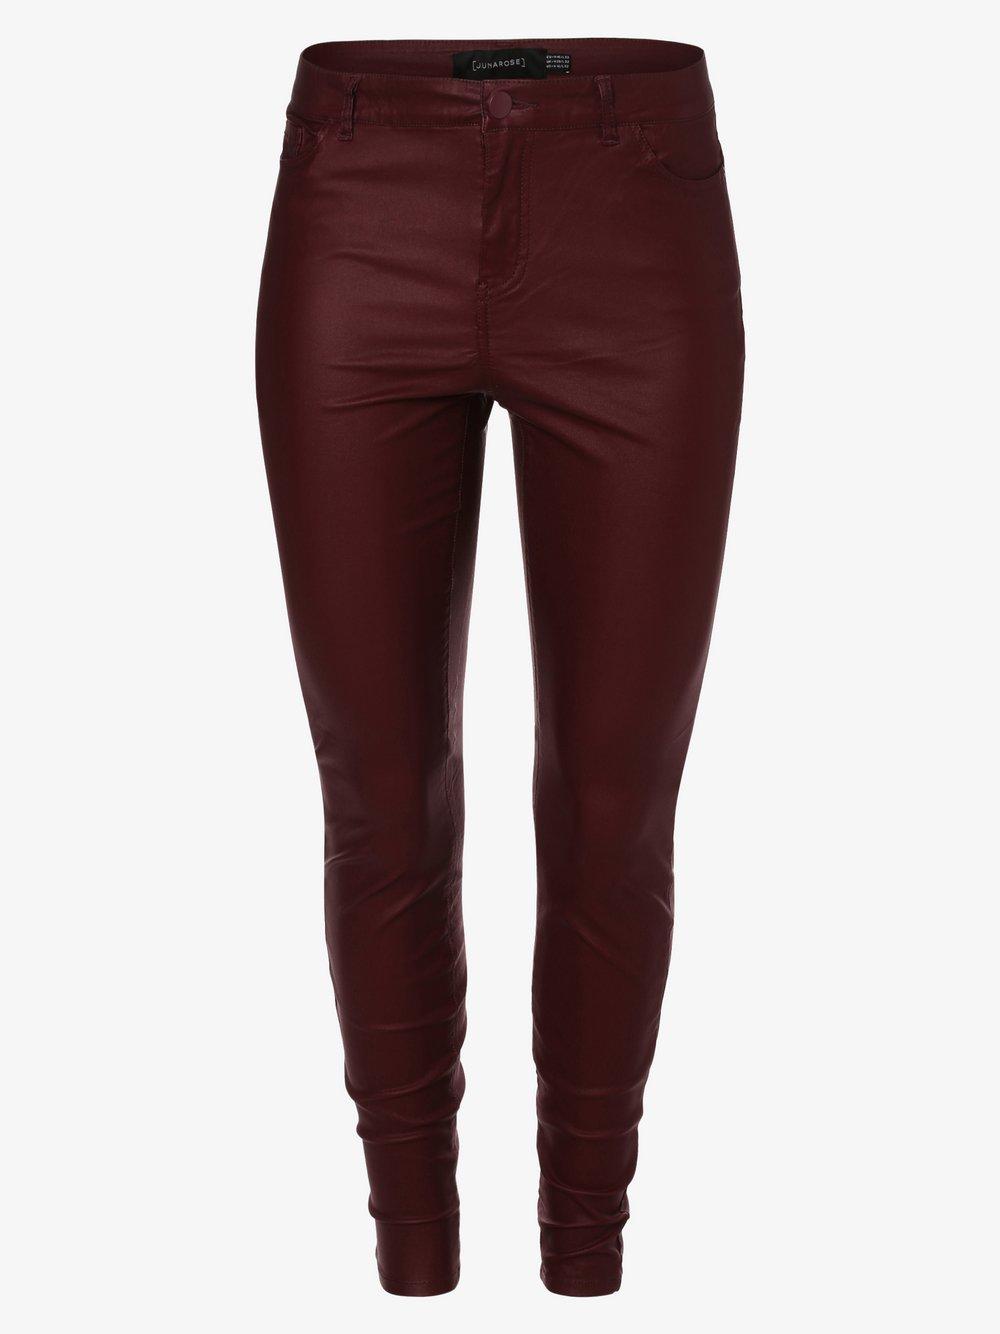 Junarose - Spodnie damskie – Jroris, czerwony